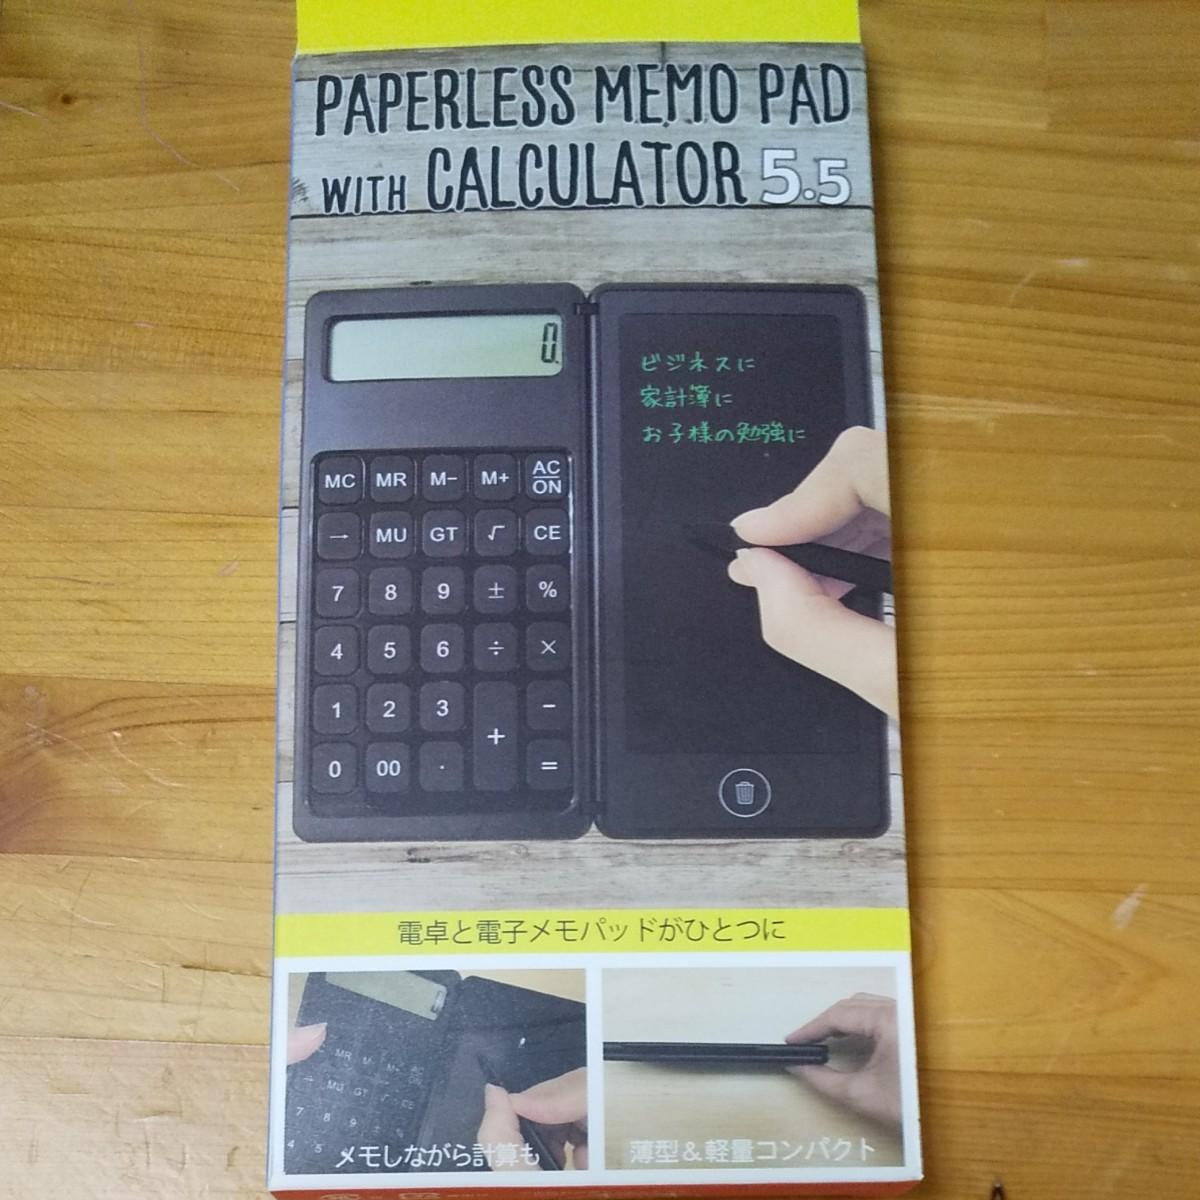 電卓付きペーパーレスメモパッド